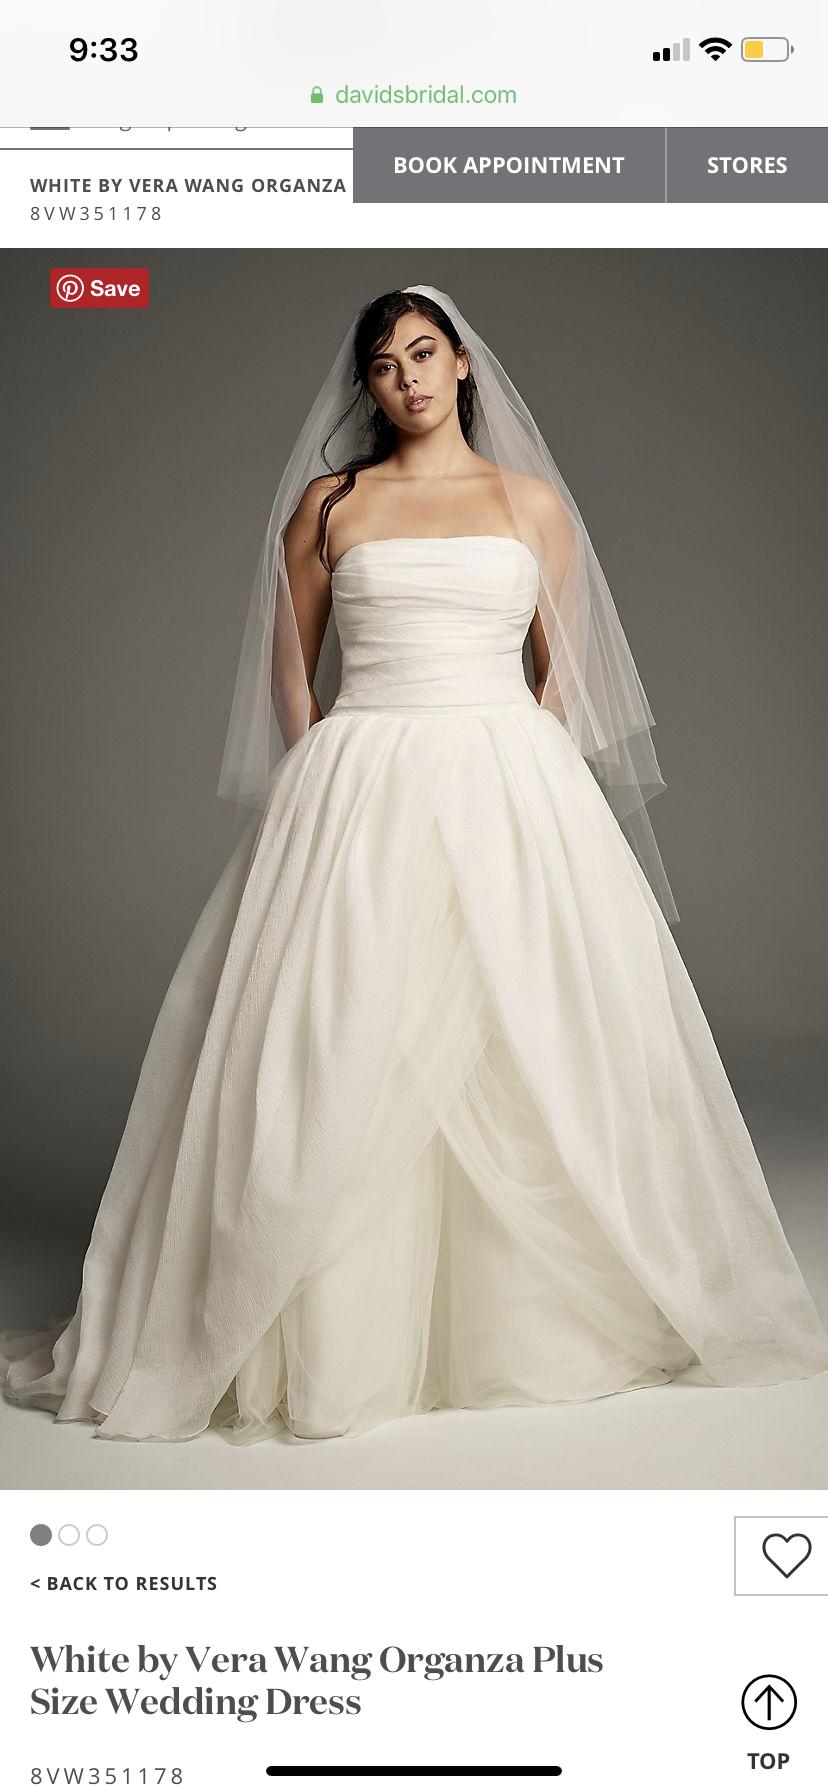 White By Vera Wang Organza Plus Size Wedding Dress 8vw351178 Wedding Dress With Pockets Wedding Dresses Vera Wang Top Wedding Dresses [ 1792 x 828 Pixel ]